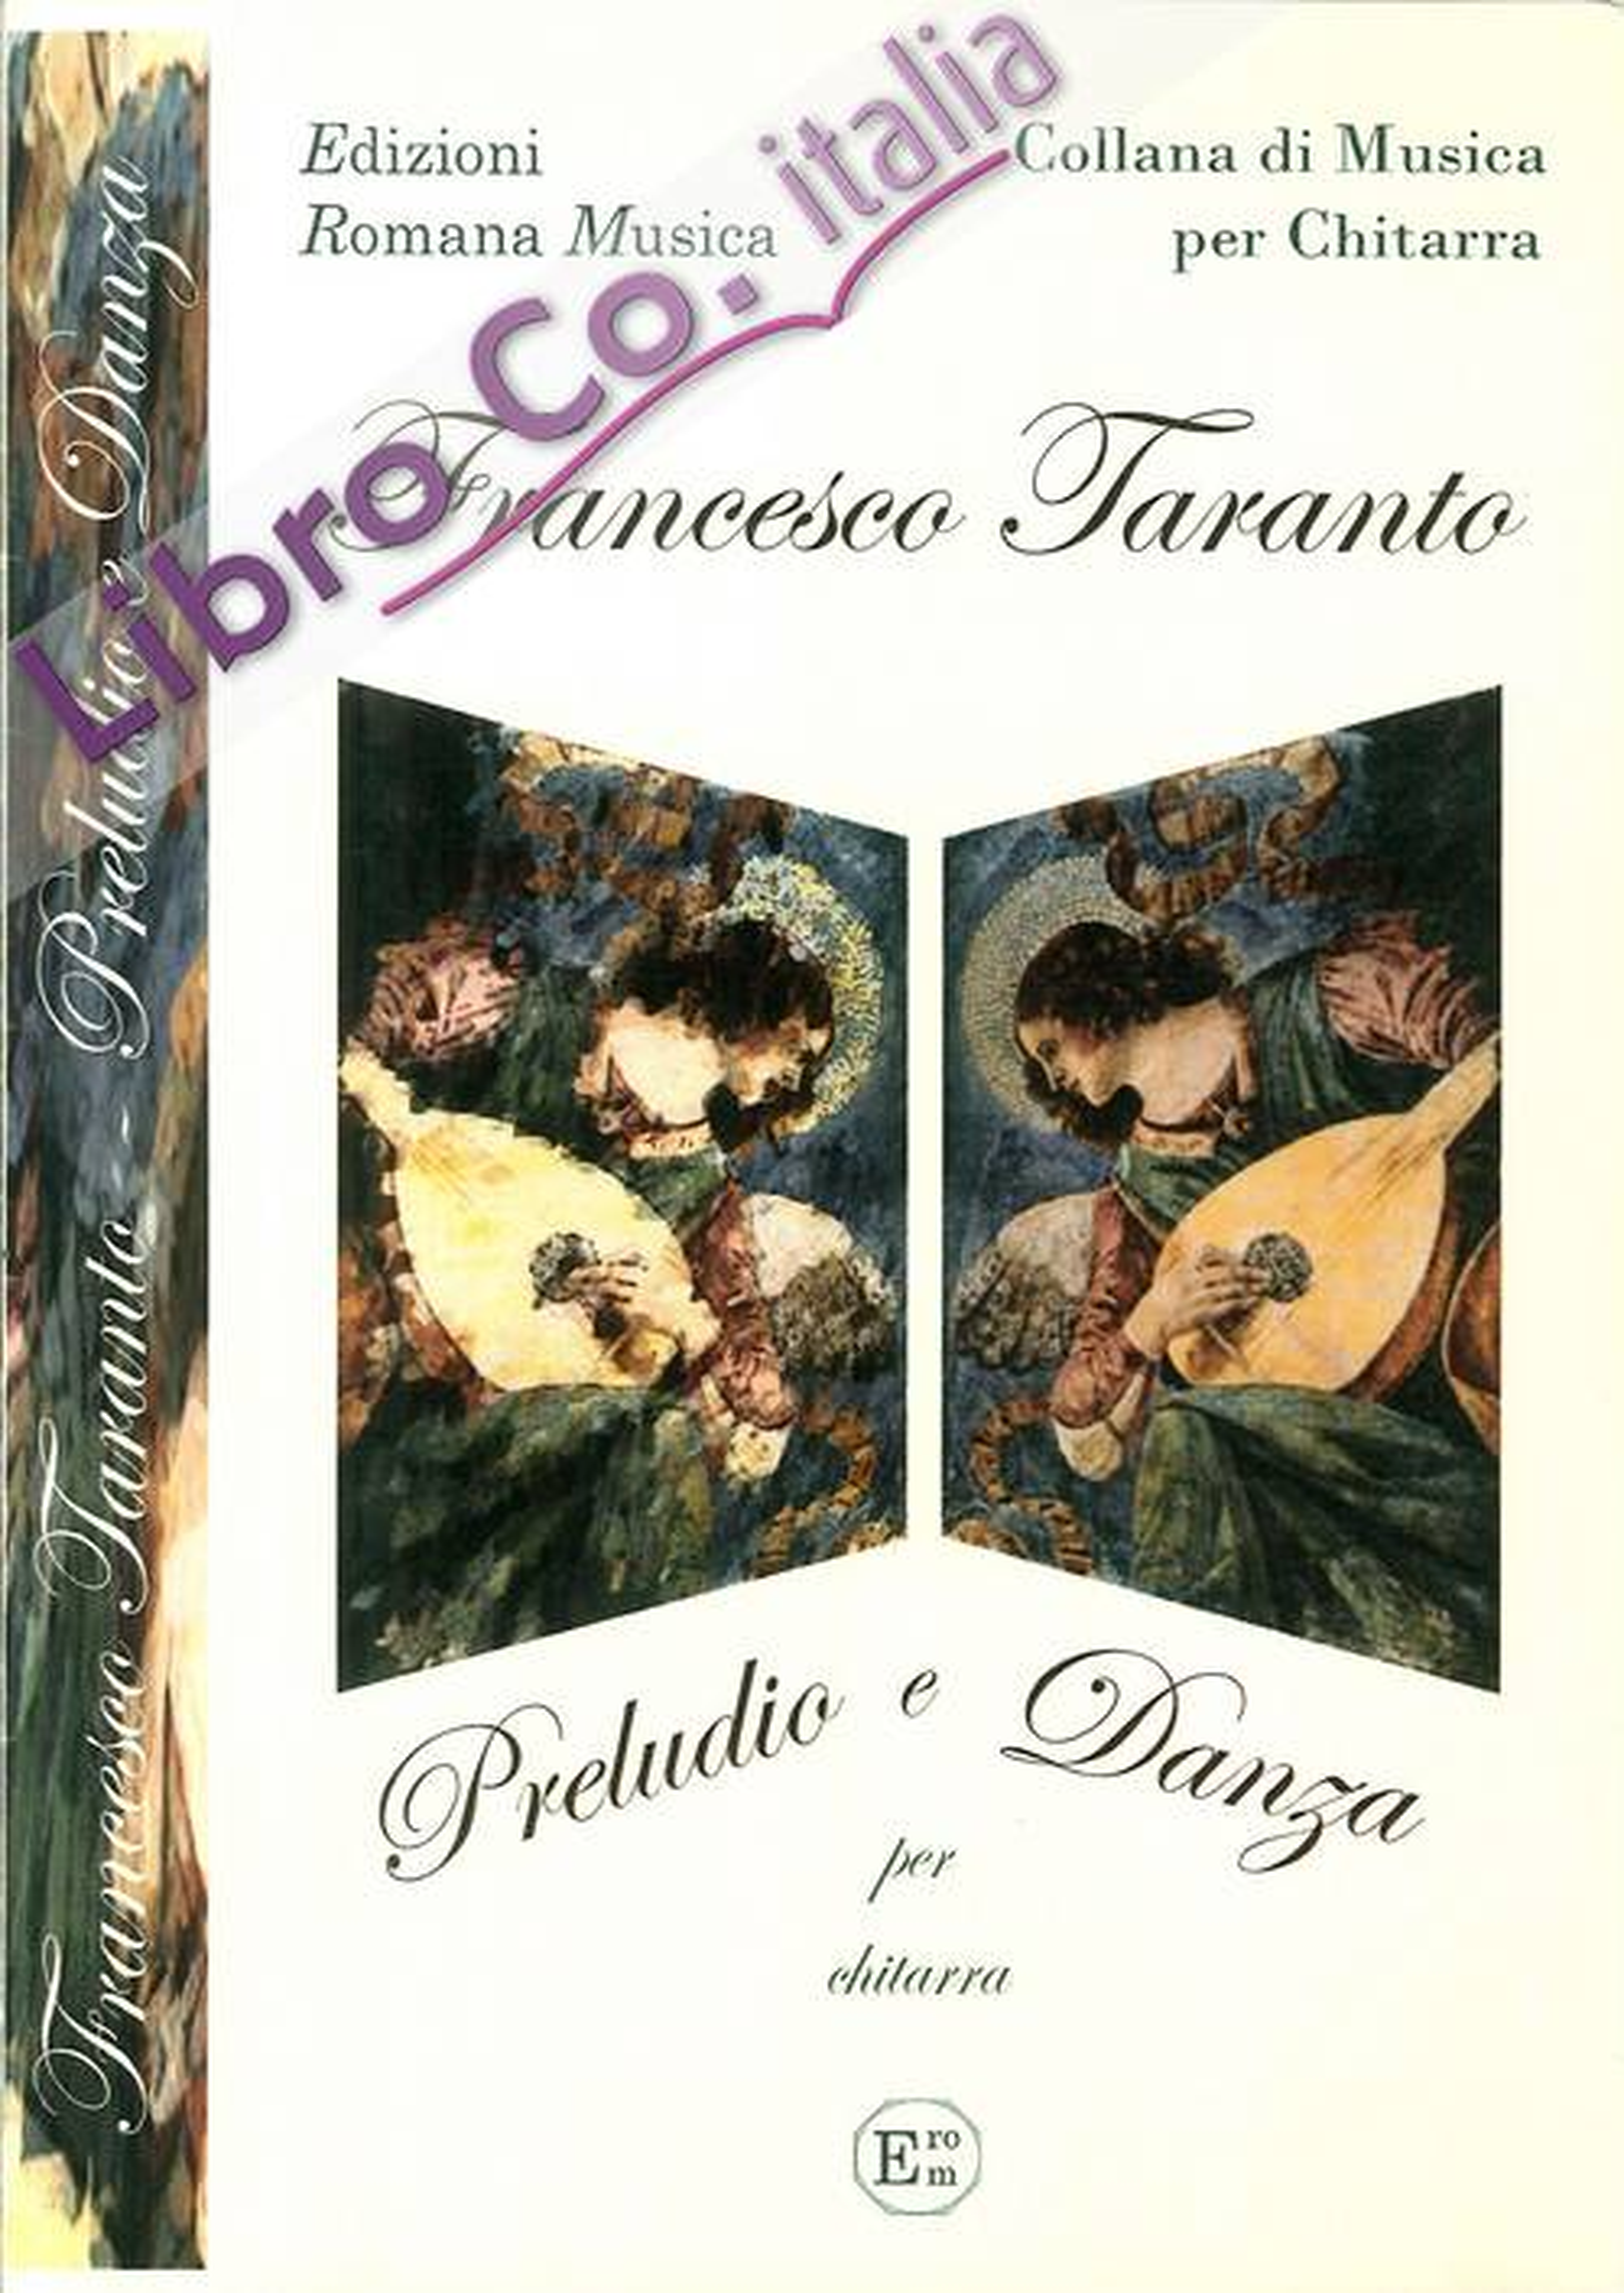 Francesco Taranto. Preludio e Danza. Musica per Chitarra. Erom 0067.